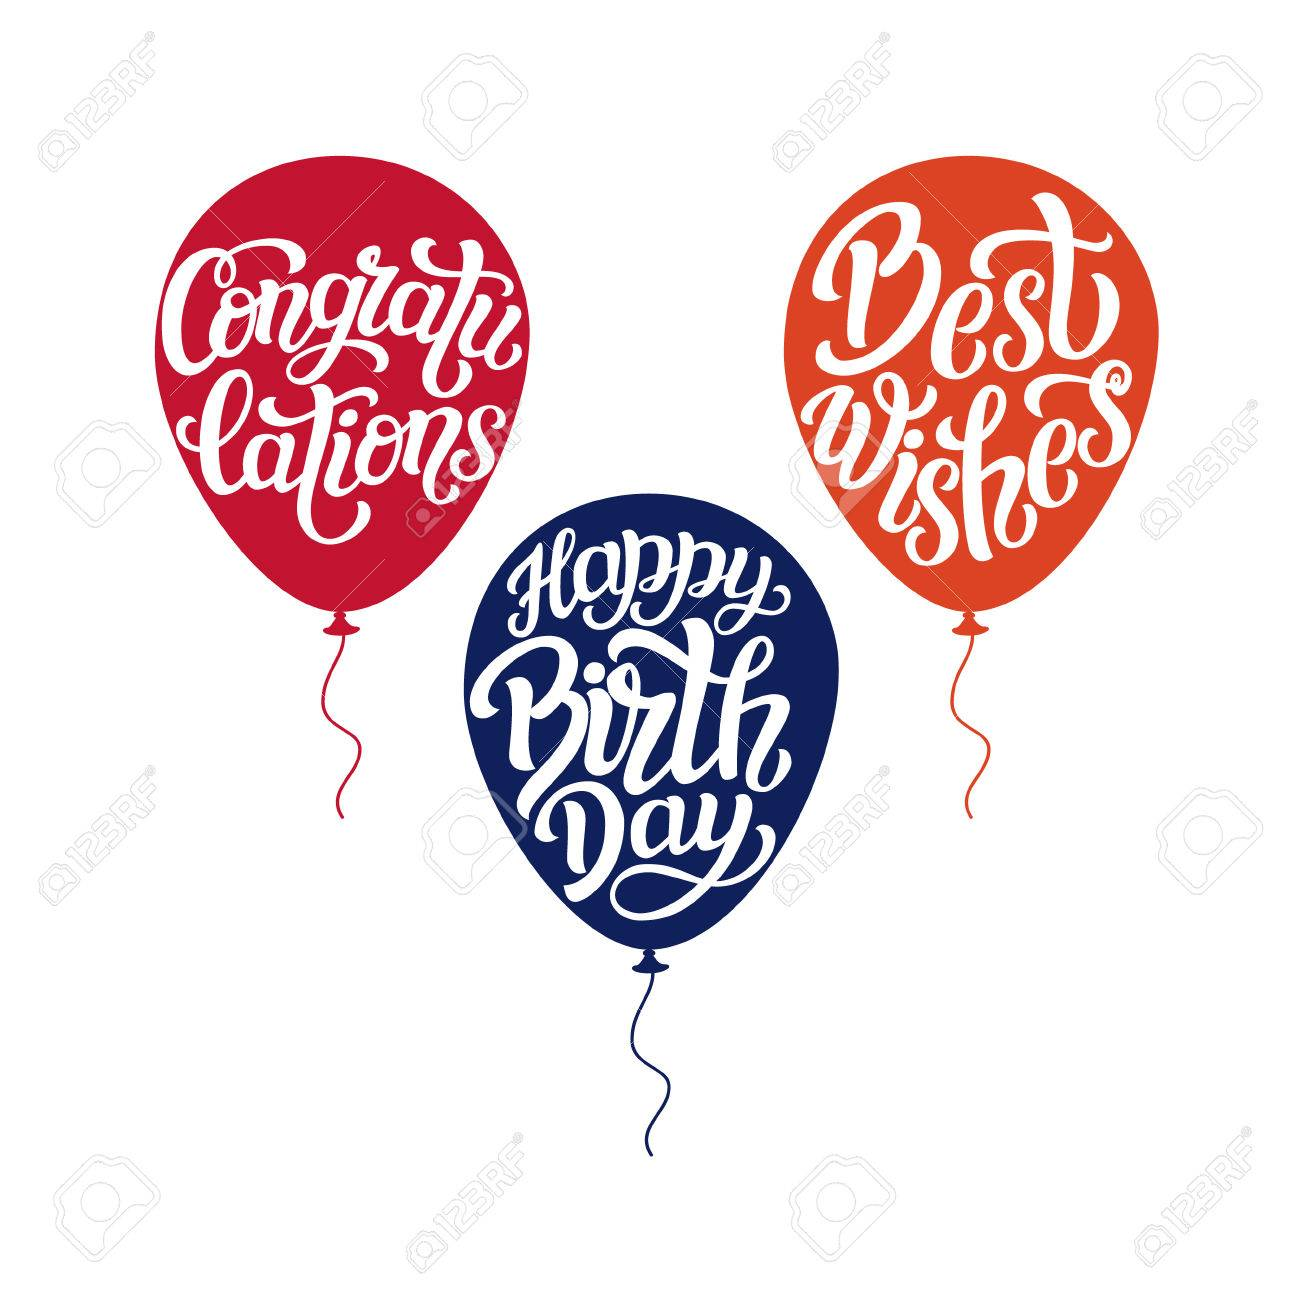 Alles Gute Zum Geburtstag, Glückwünsche, Die Besten Wünsche ...